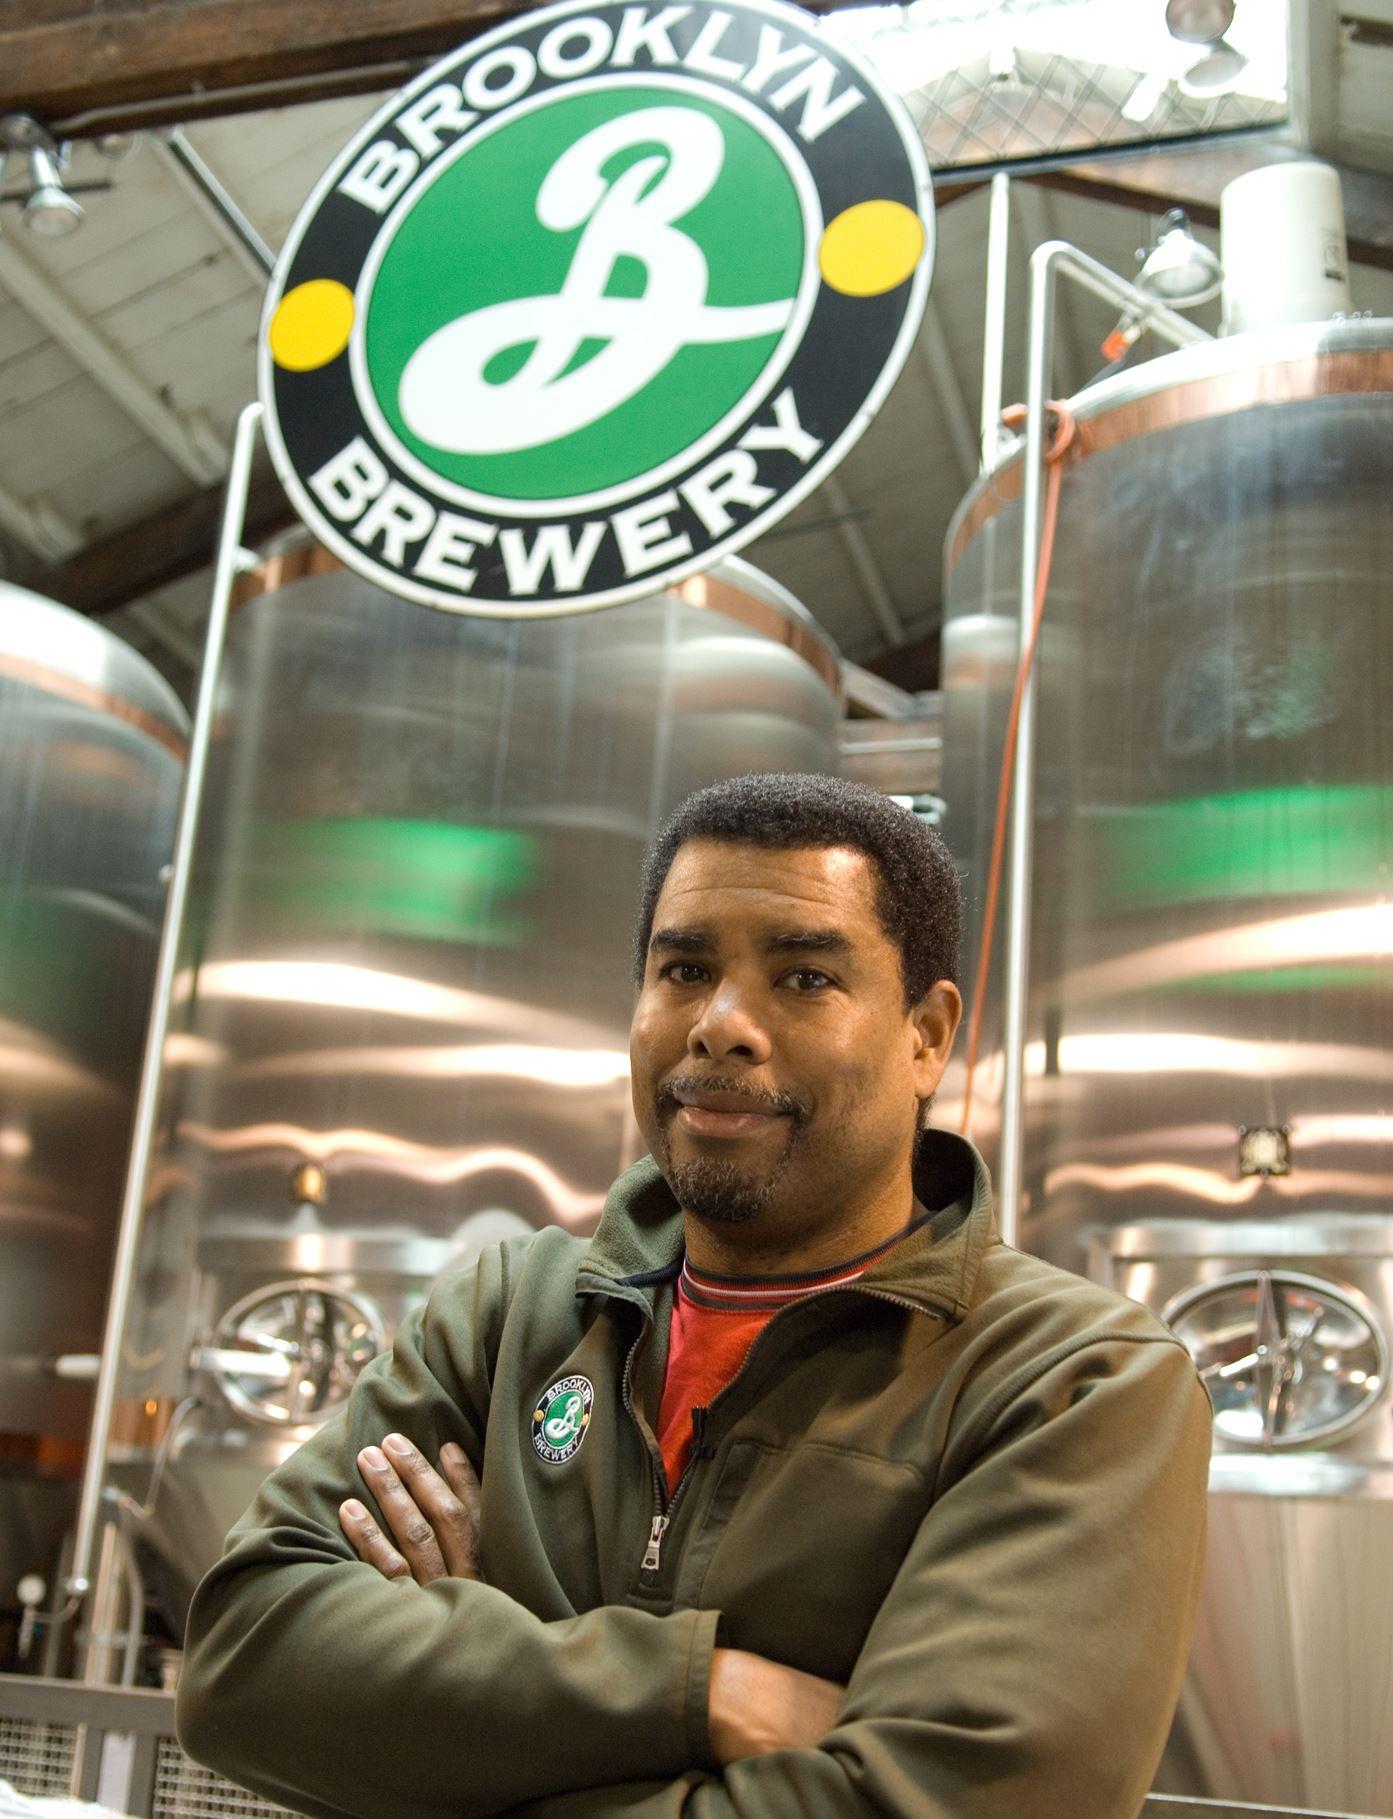 20140107bbbrooklynfood Brooklyn Brewery brewmaster Garrett Oliver.